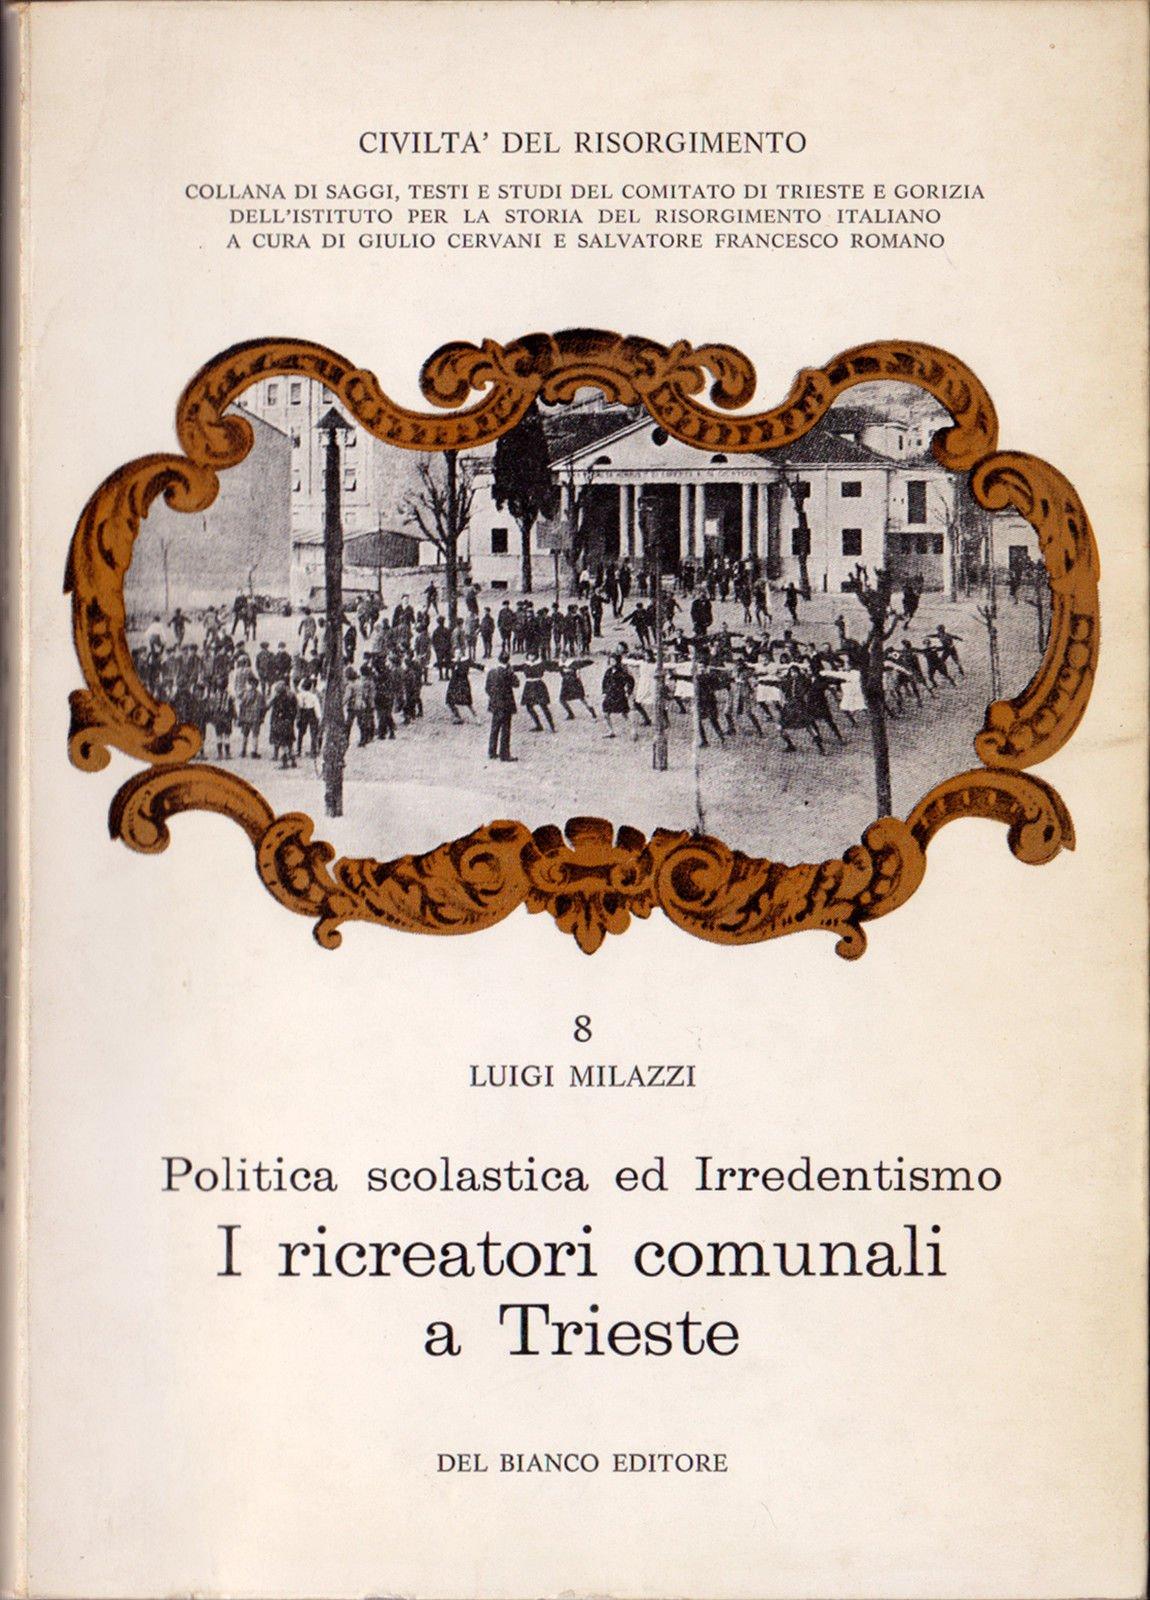 I ricreatori comunali a Trieste